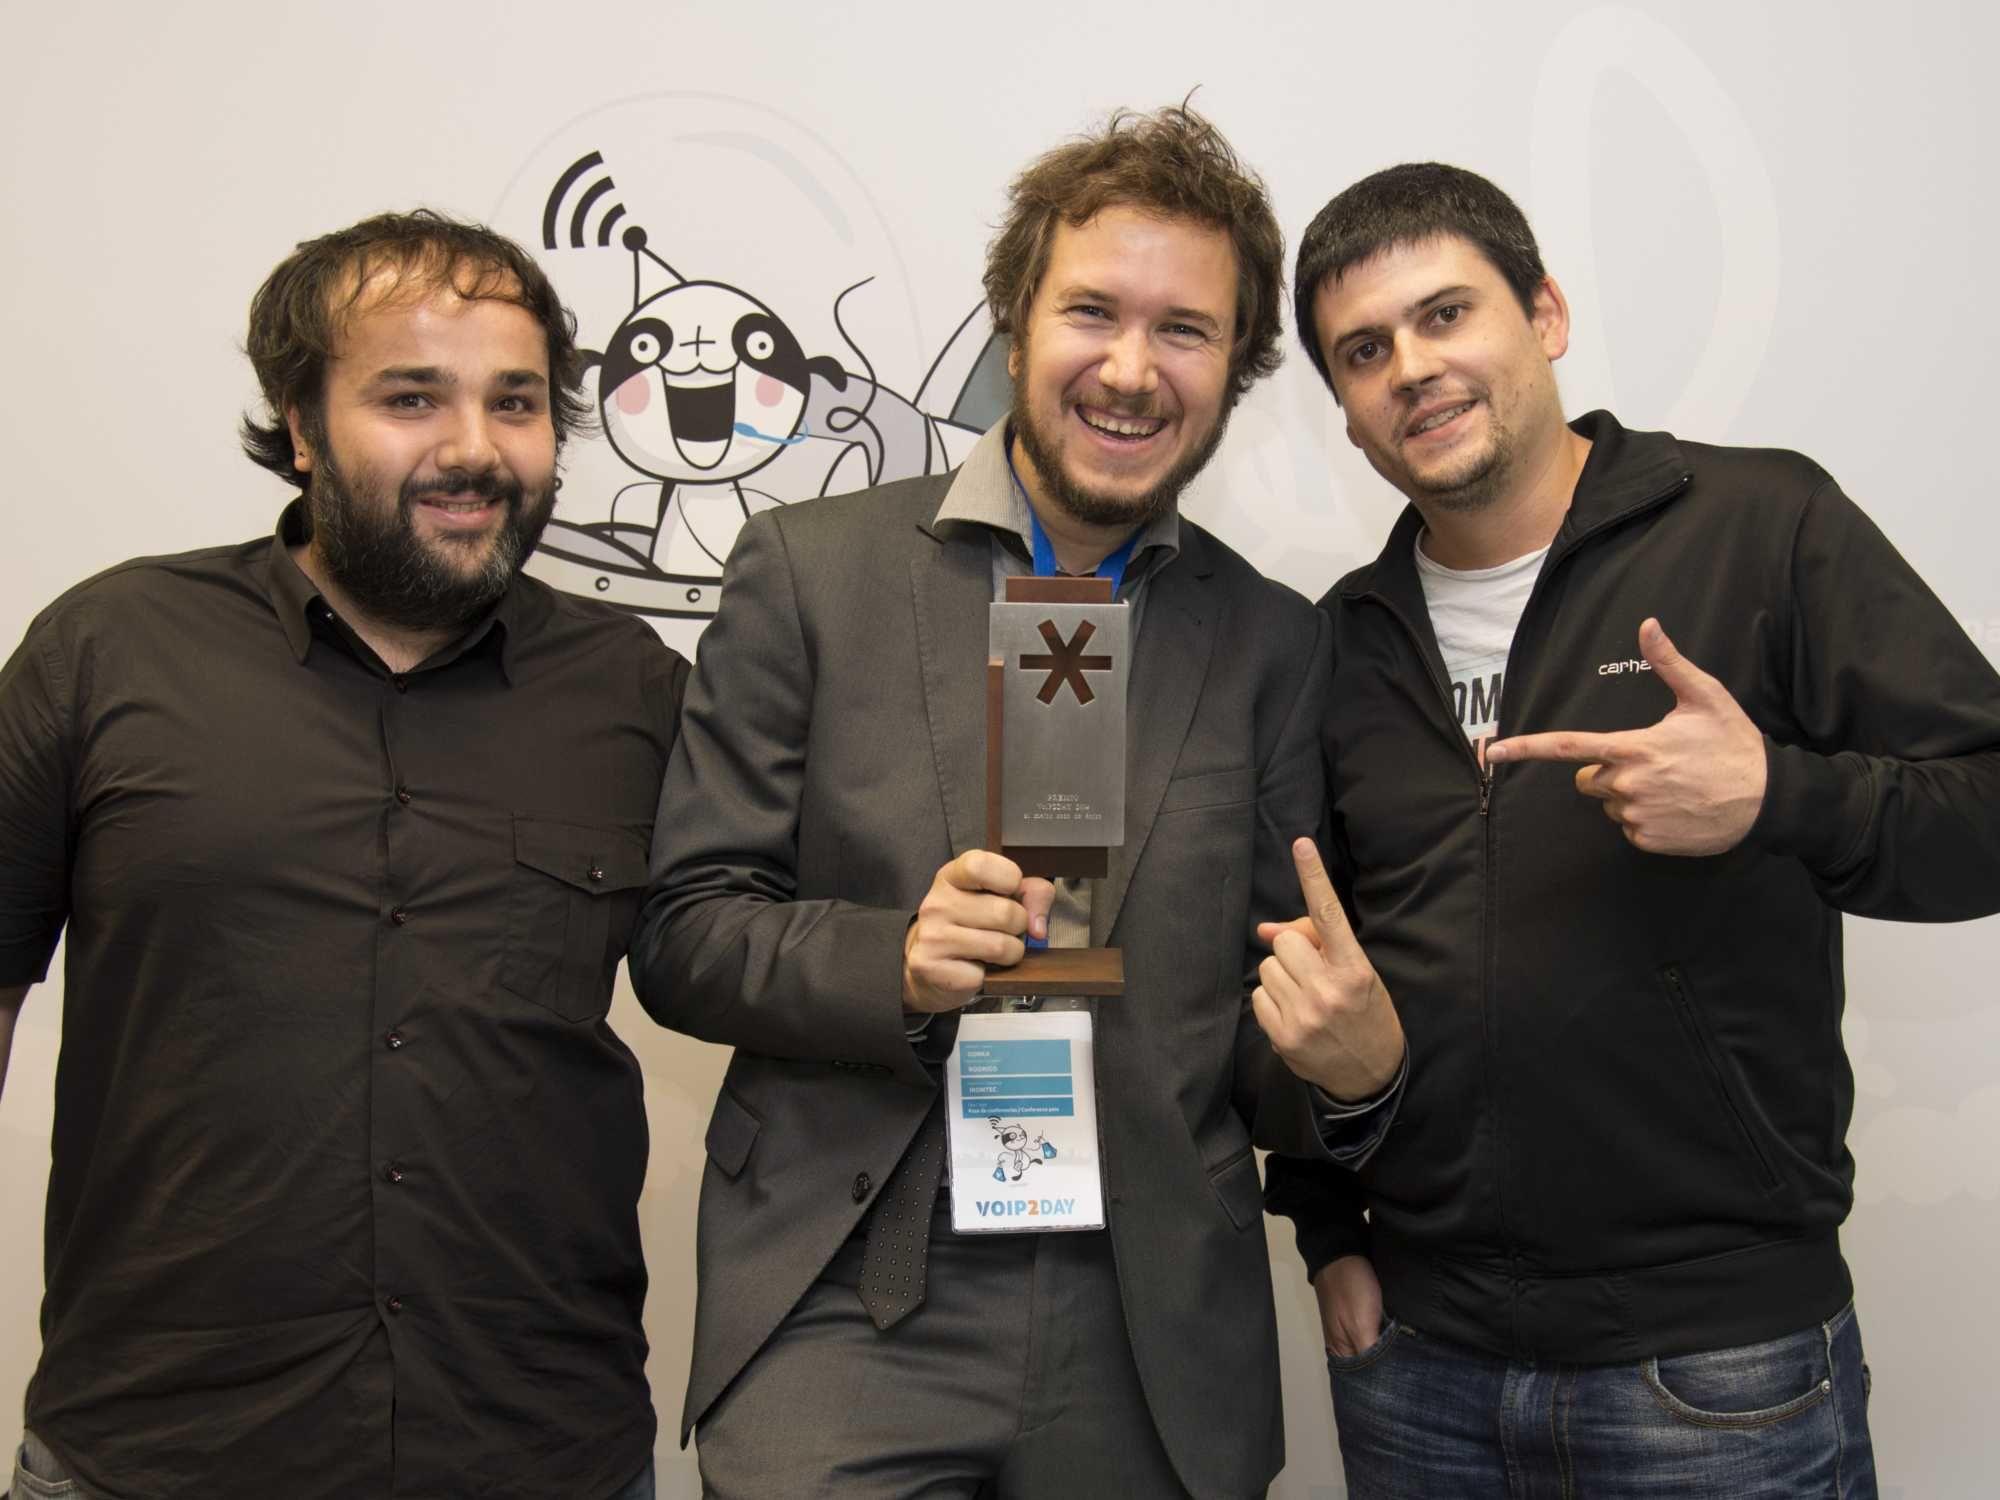 Irontec - Caso de éxito ganador en voip2day 2014